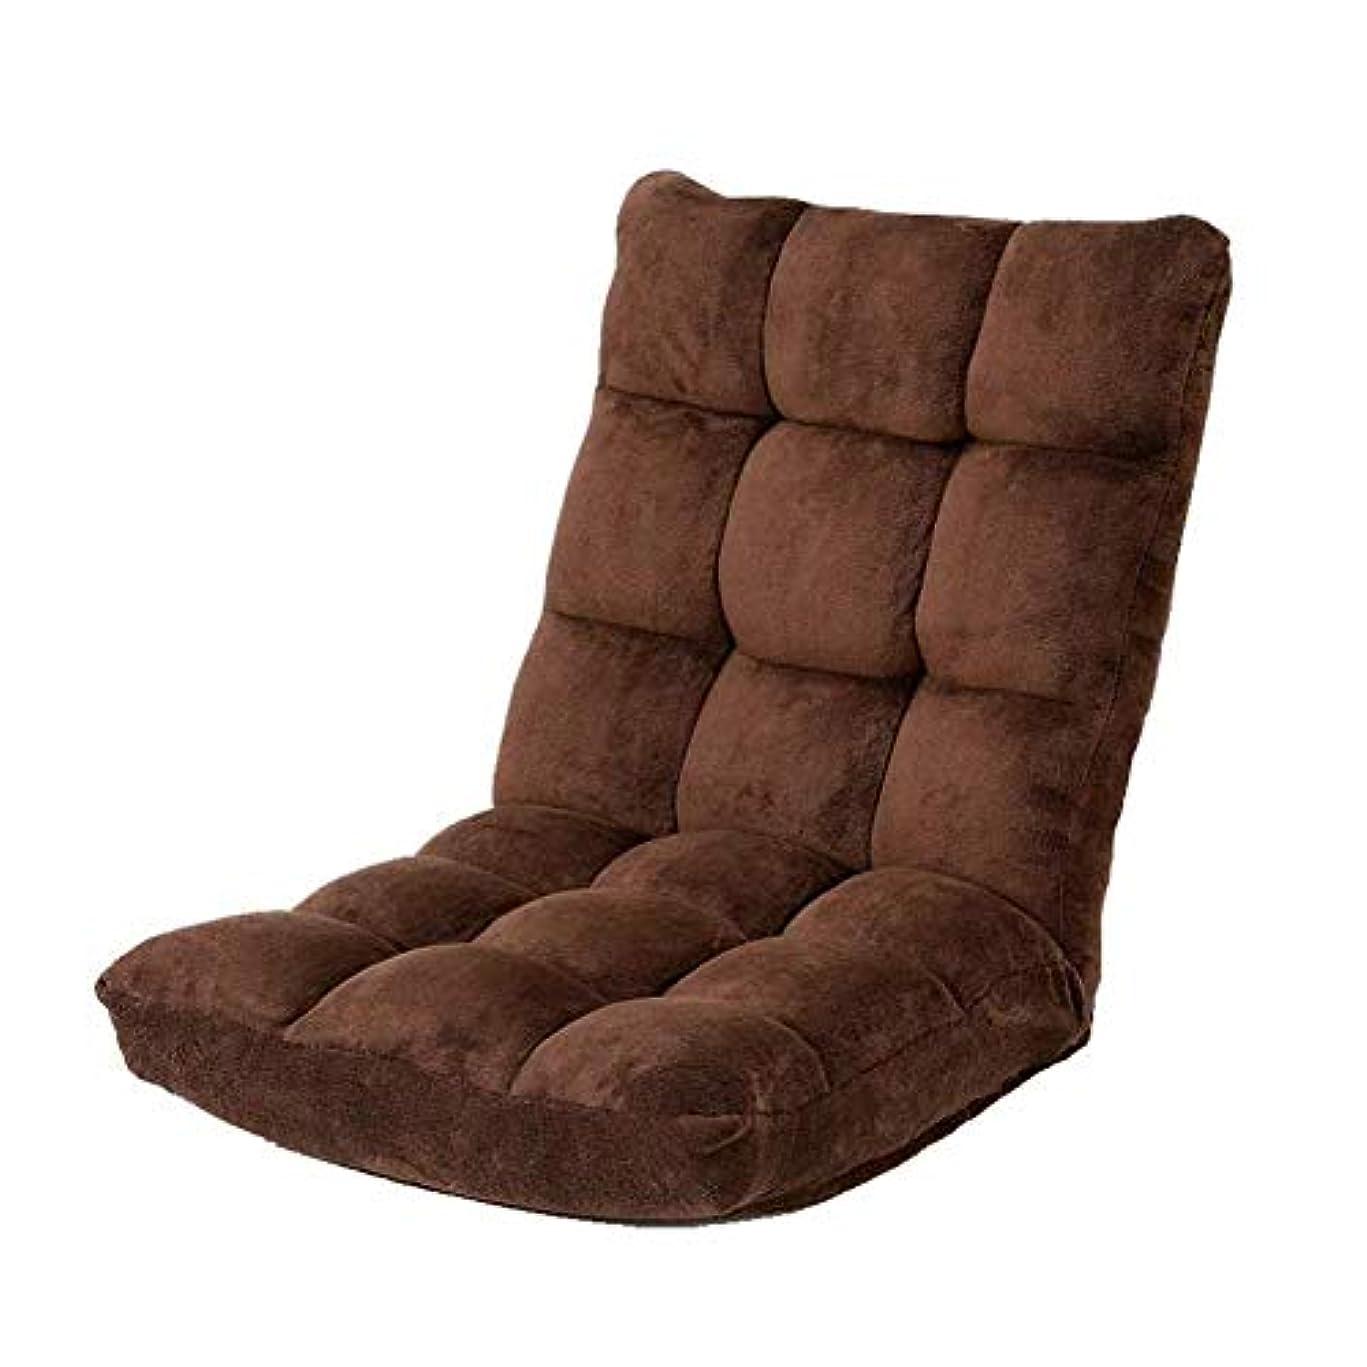 親コンピューターゲームをプレイする請求瞑想用椅子、座りソファー、折りたたみ式畳床、折りたたみ式解体および洗濯可能増粘、レッグレスカジュアルシングルリクライニングベッド (Color : Brown)